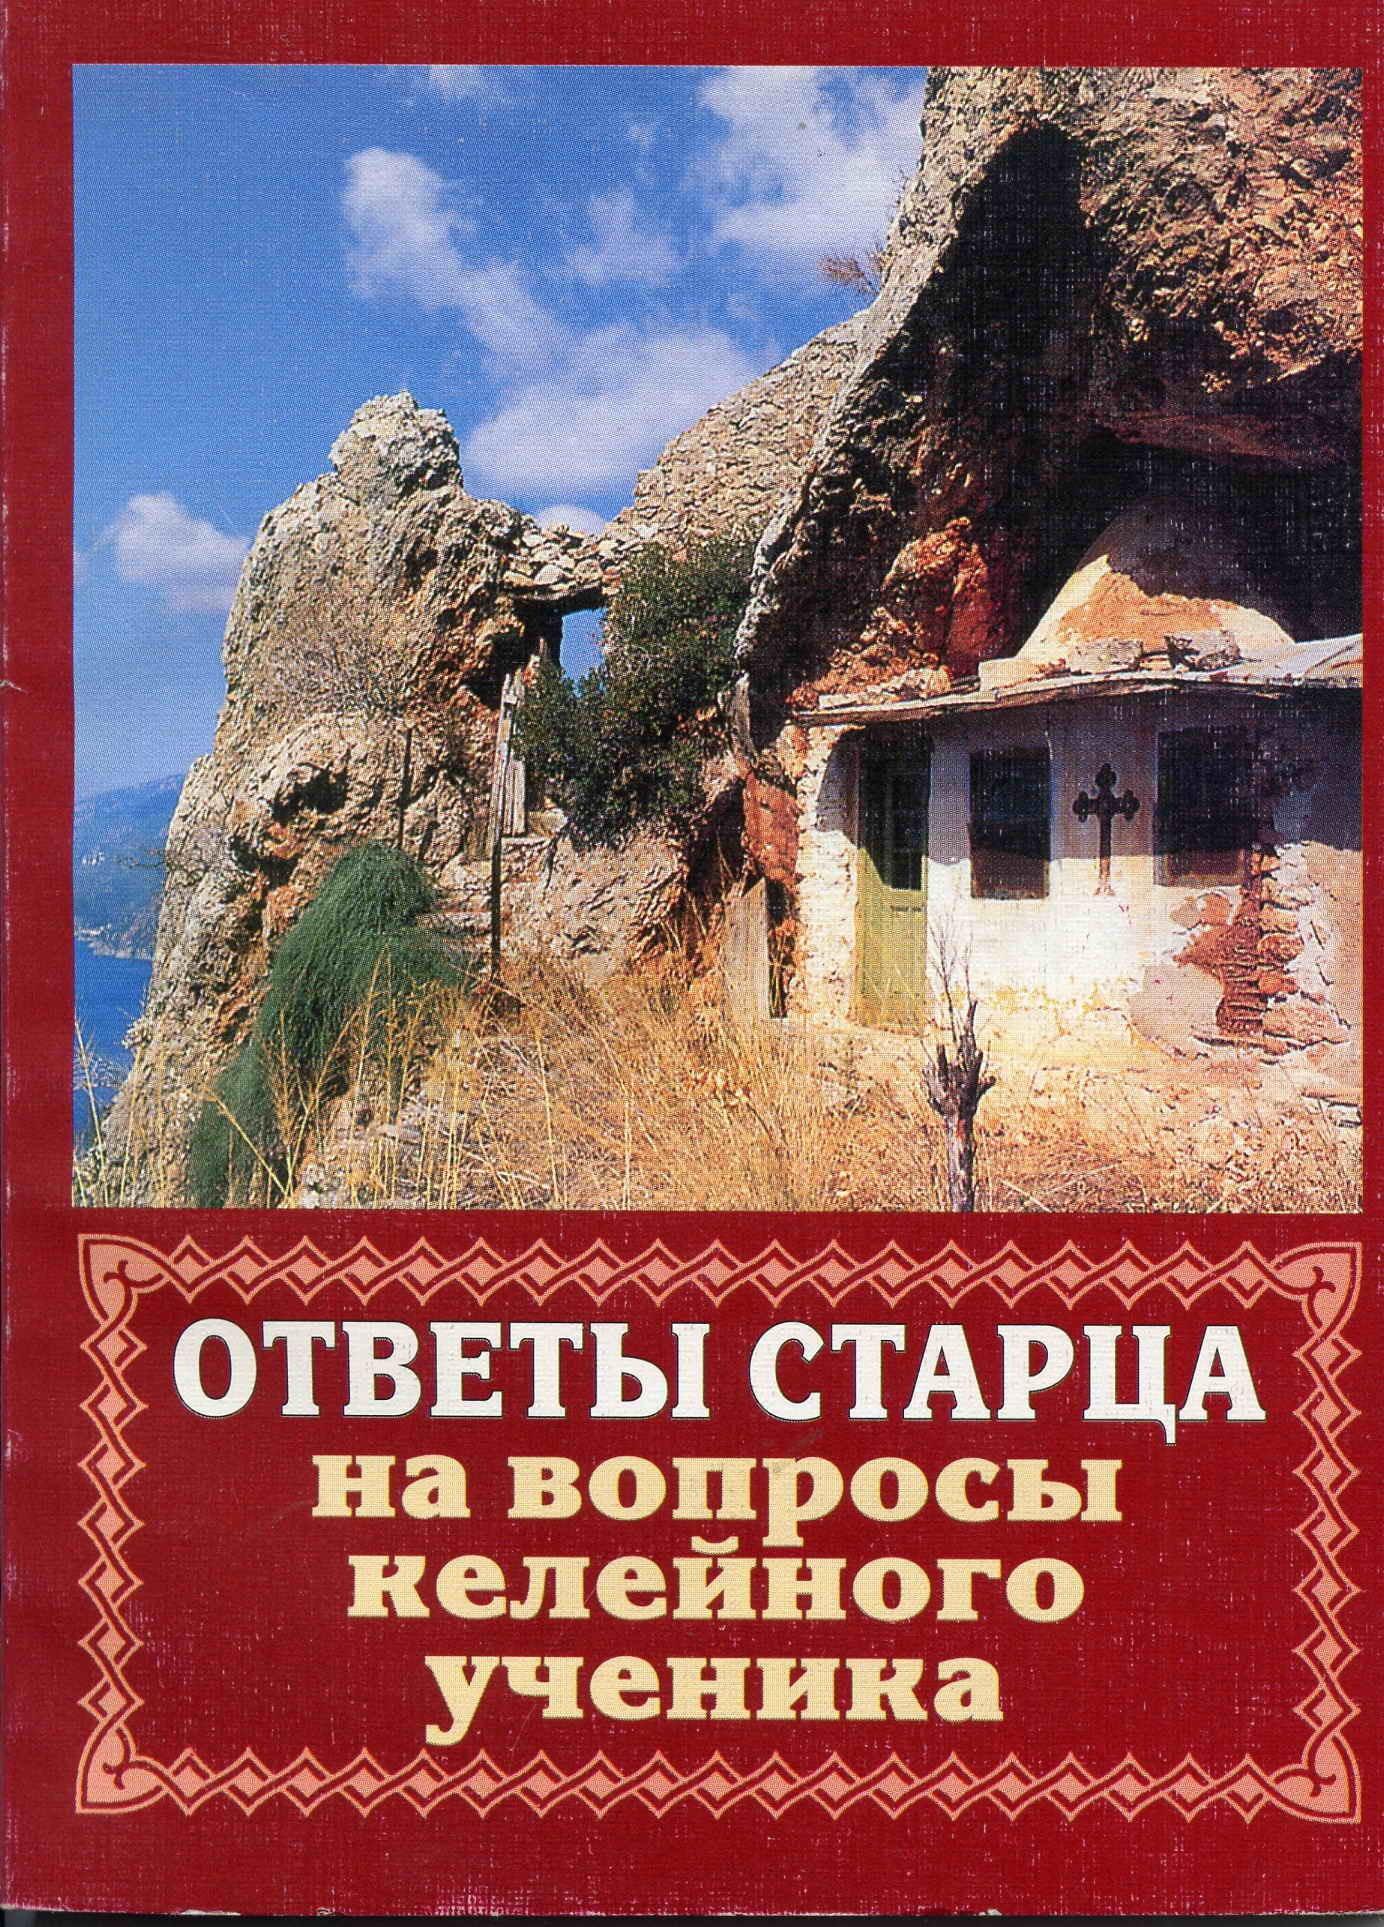 Иеромонах Владимир (Мусатов) бесплатно